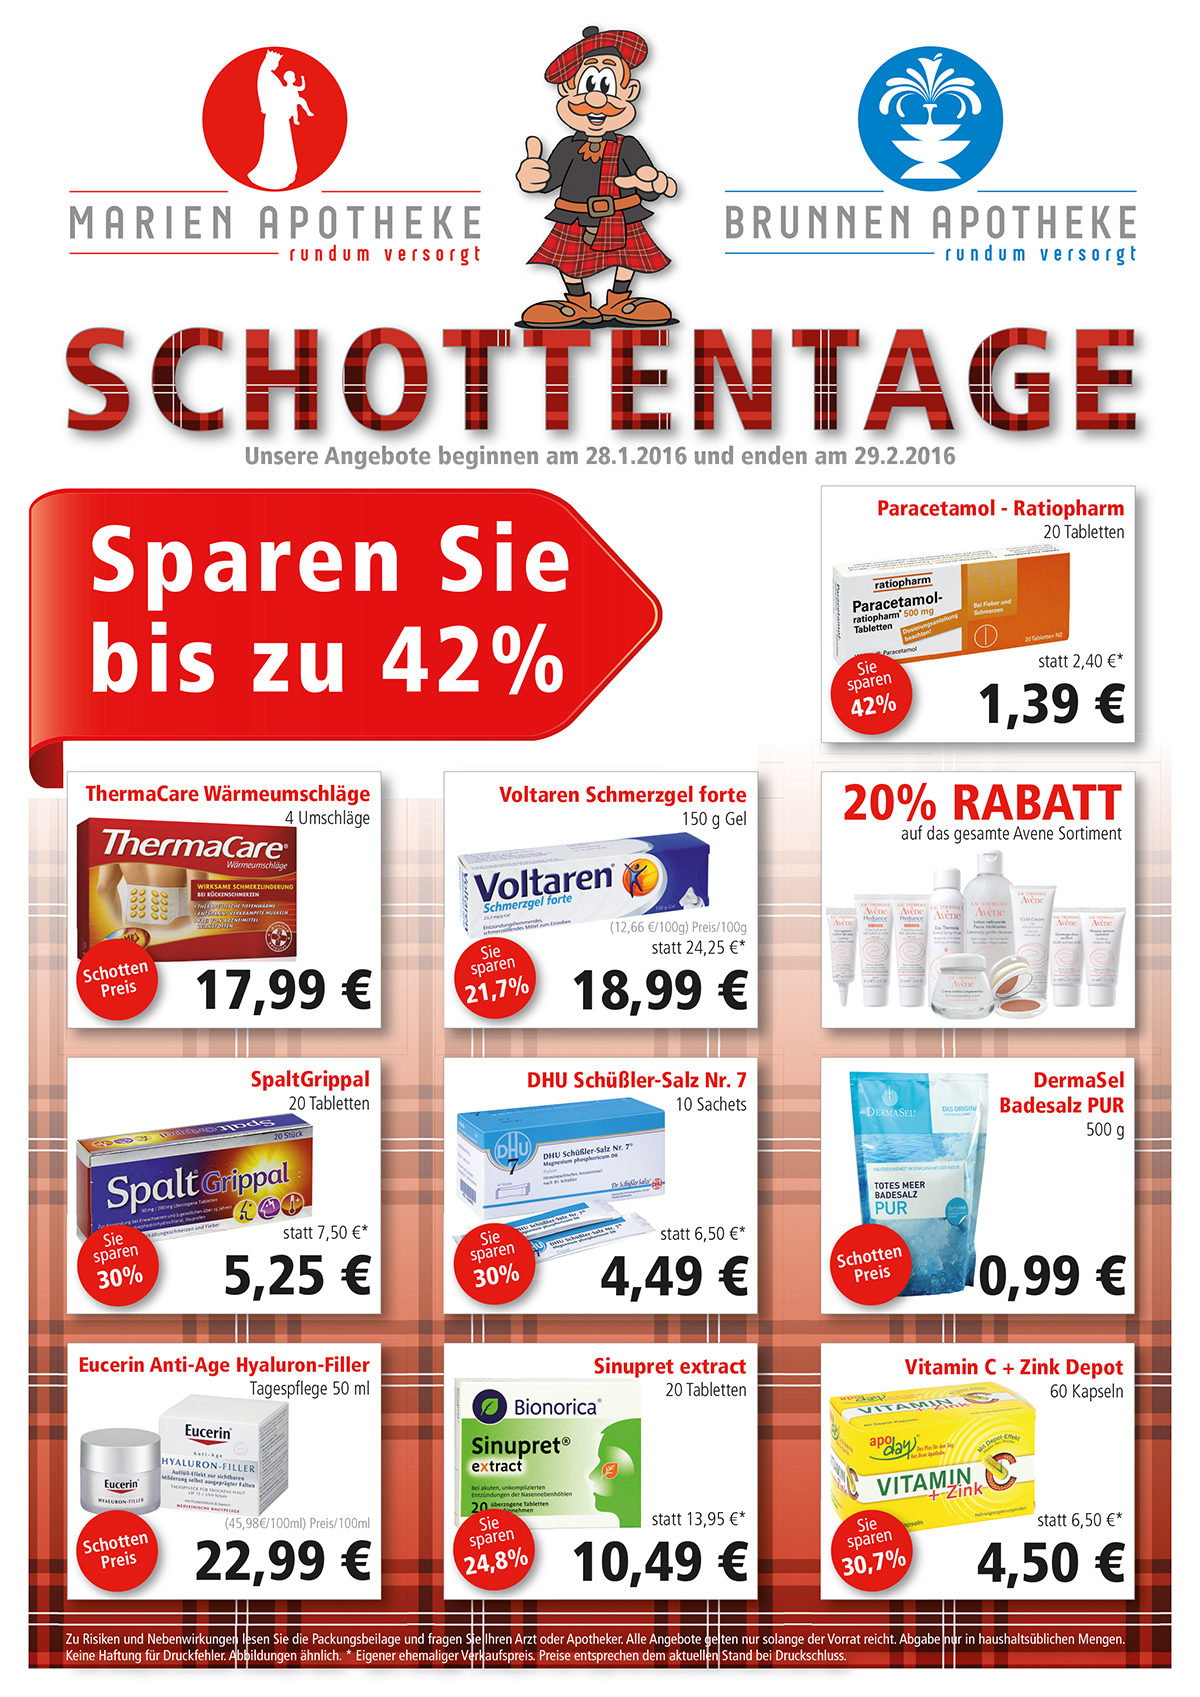 https://mein-uploads.apocdn.net/13781/leaflets/59387_brunnen_angebot_1.jpg